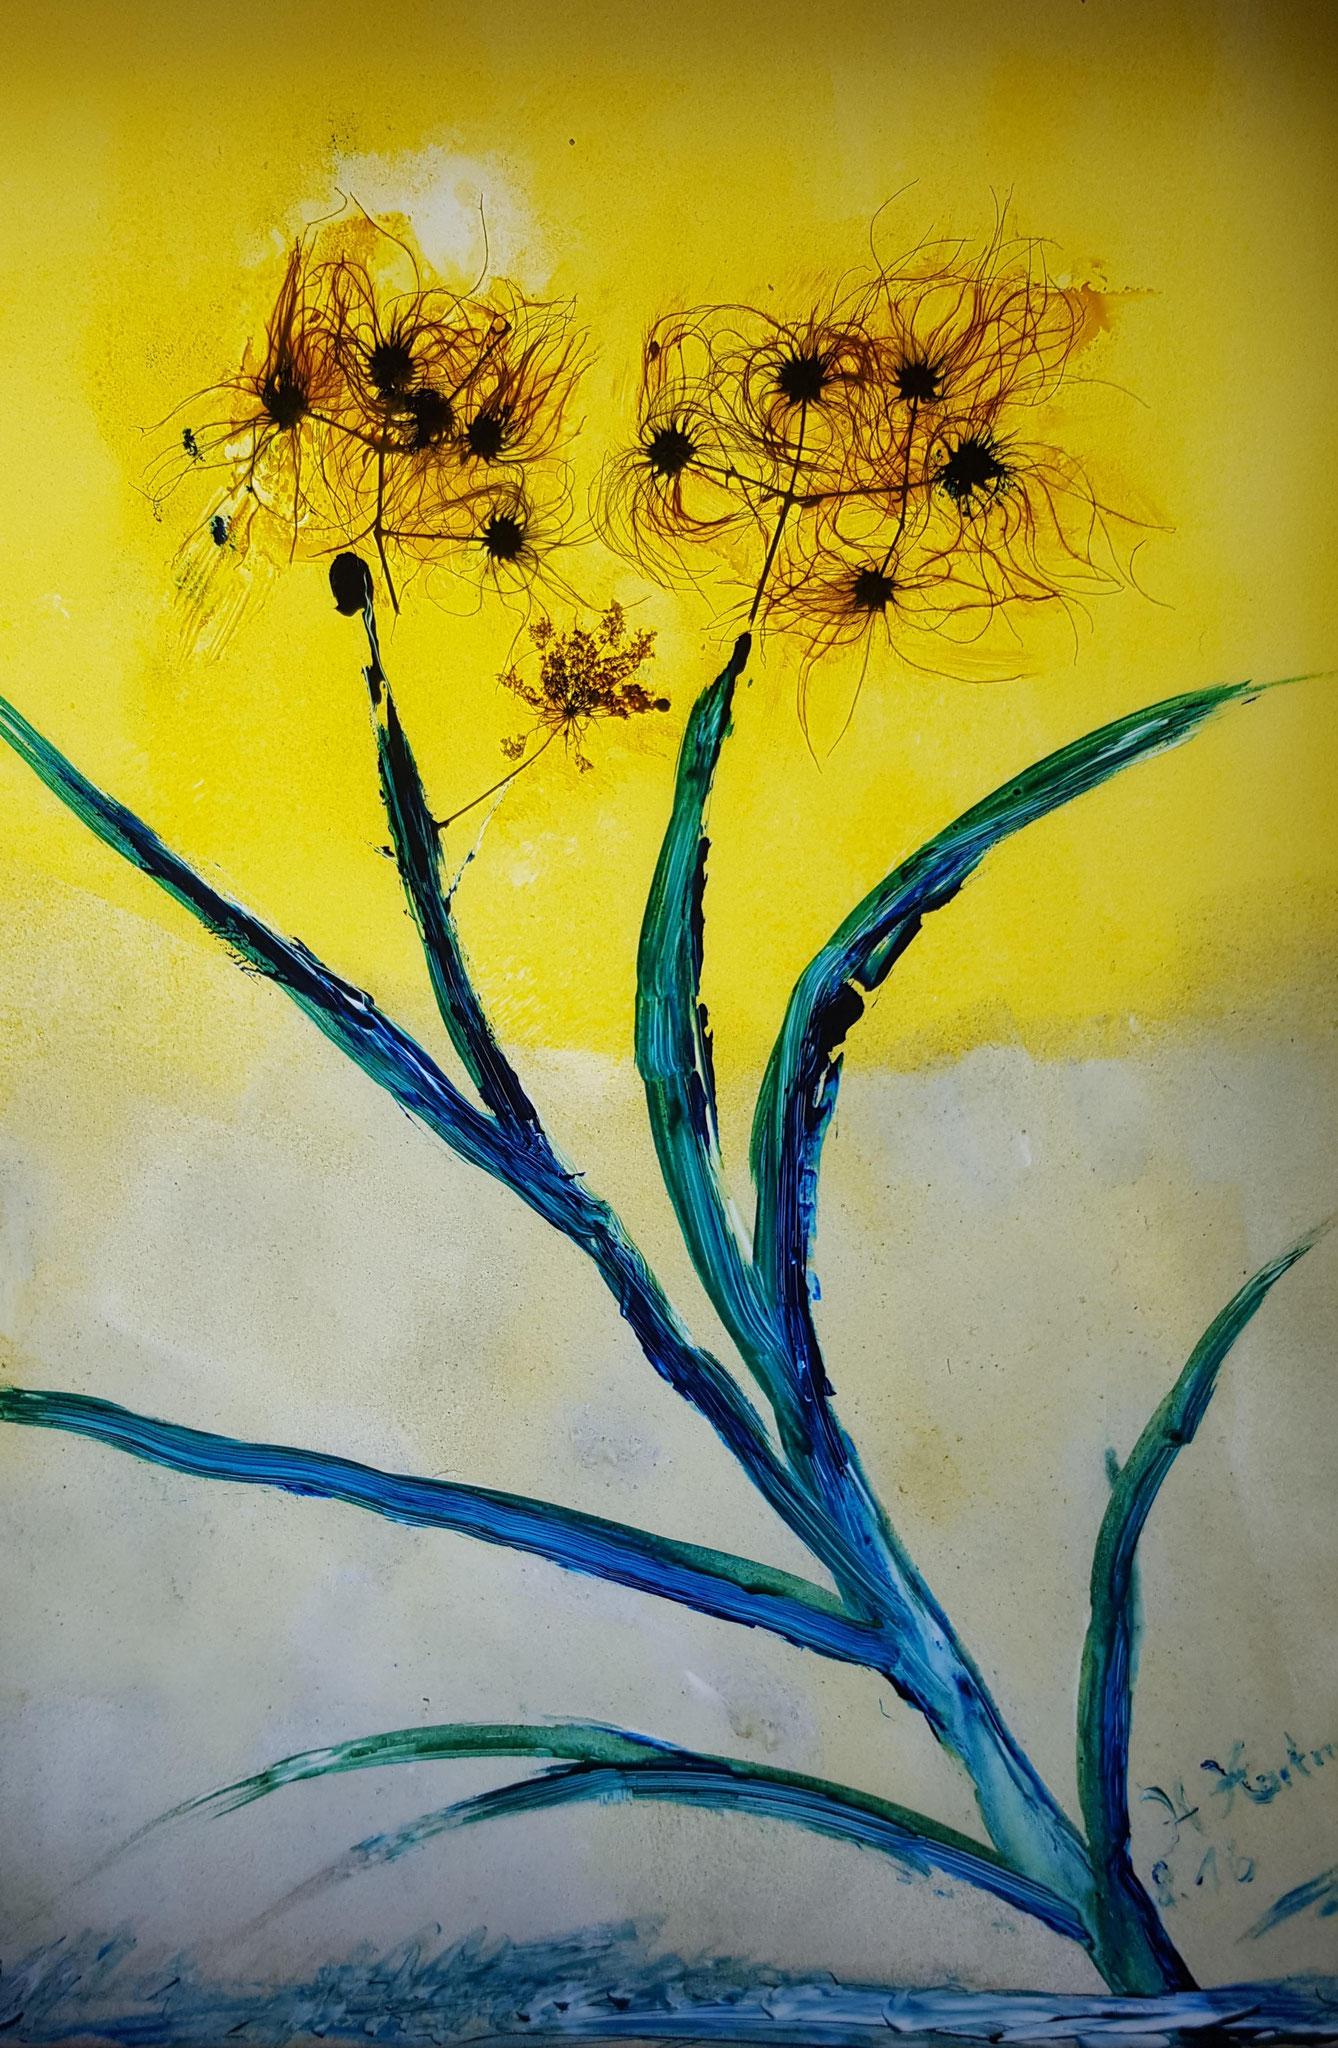 Nr. 2 - Blume mit echten Blüten 32,5x37,5cm - 150€